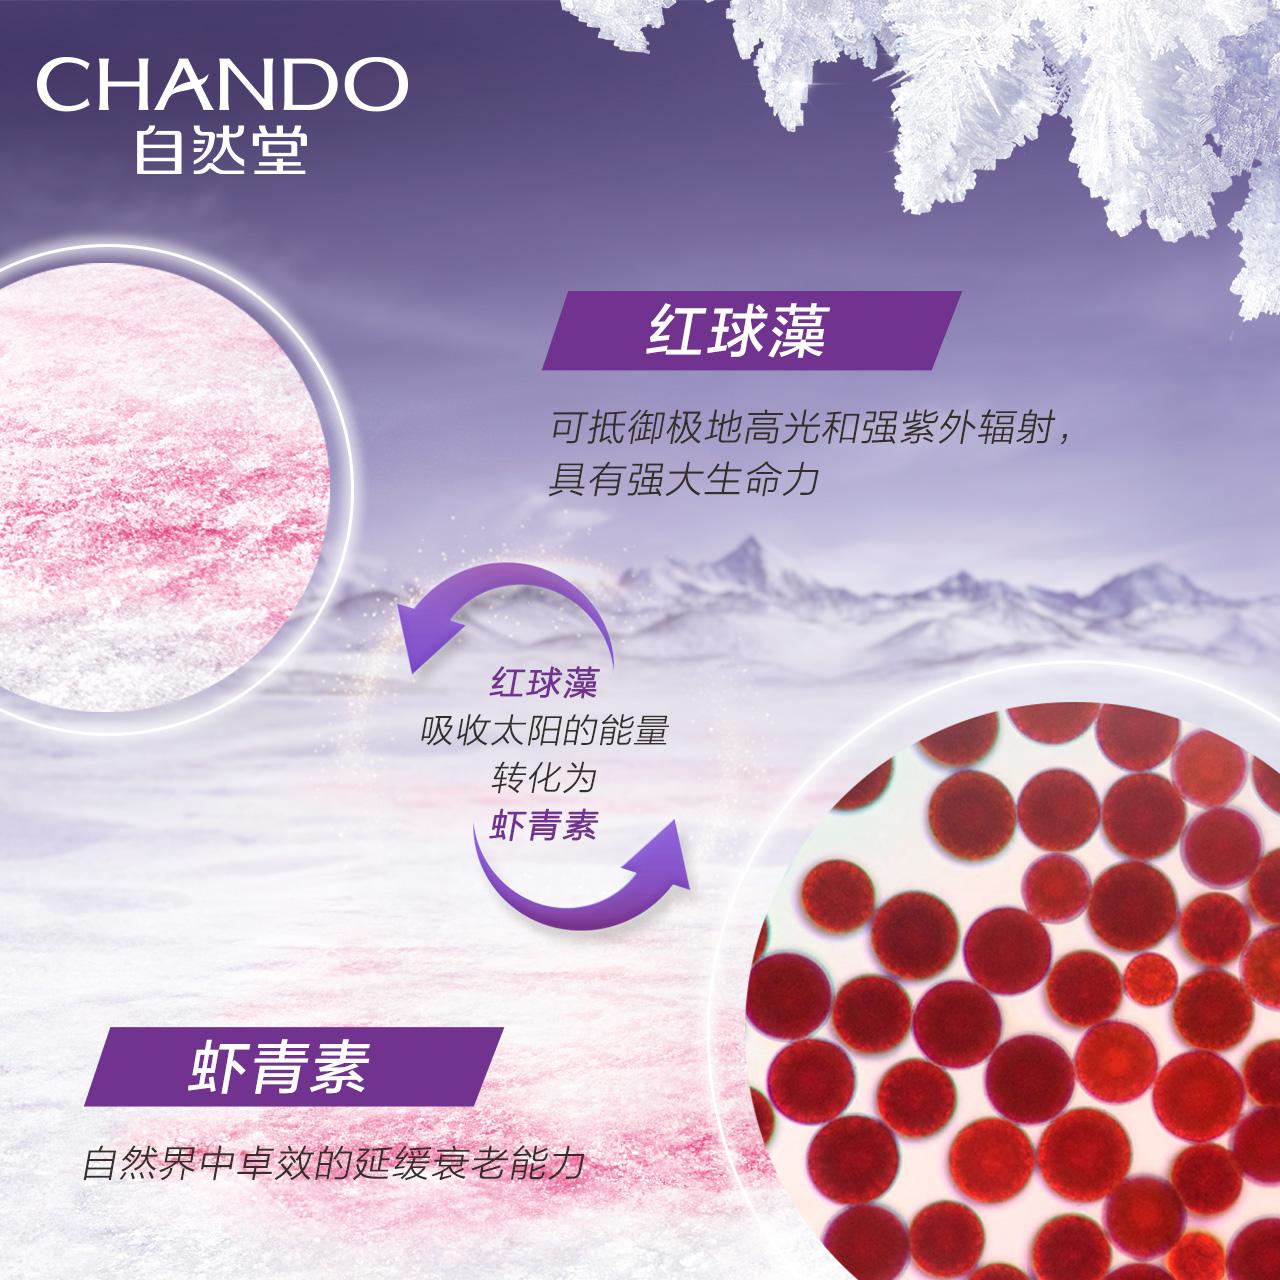 淡化細紋補水滋潤爽膚水 自然堂凝時鮮顏冰肌水  CHANDO 滋潤型